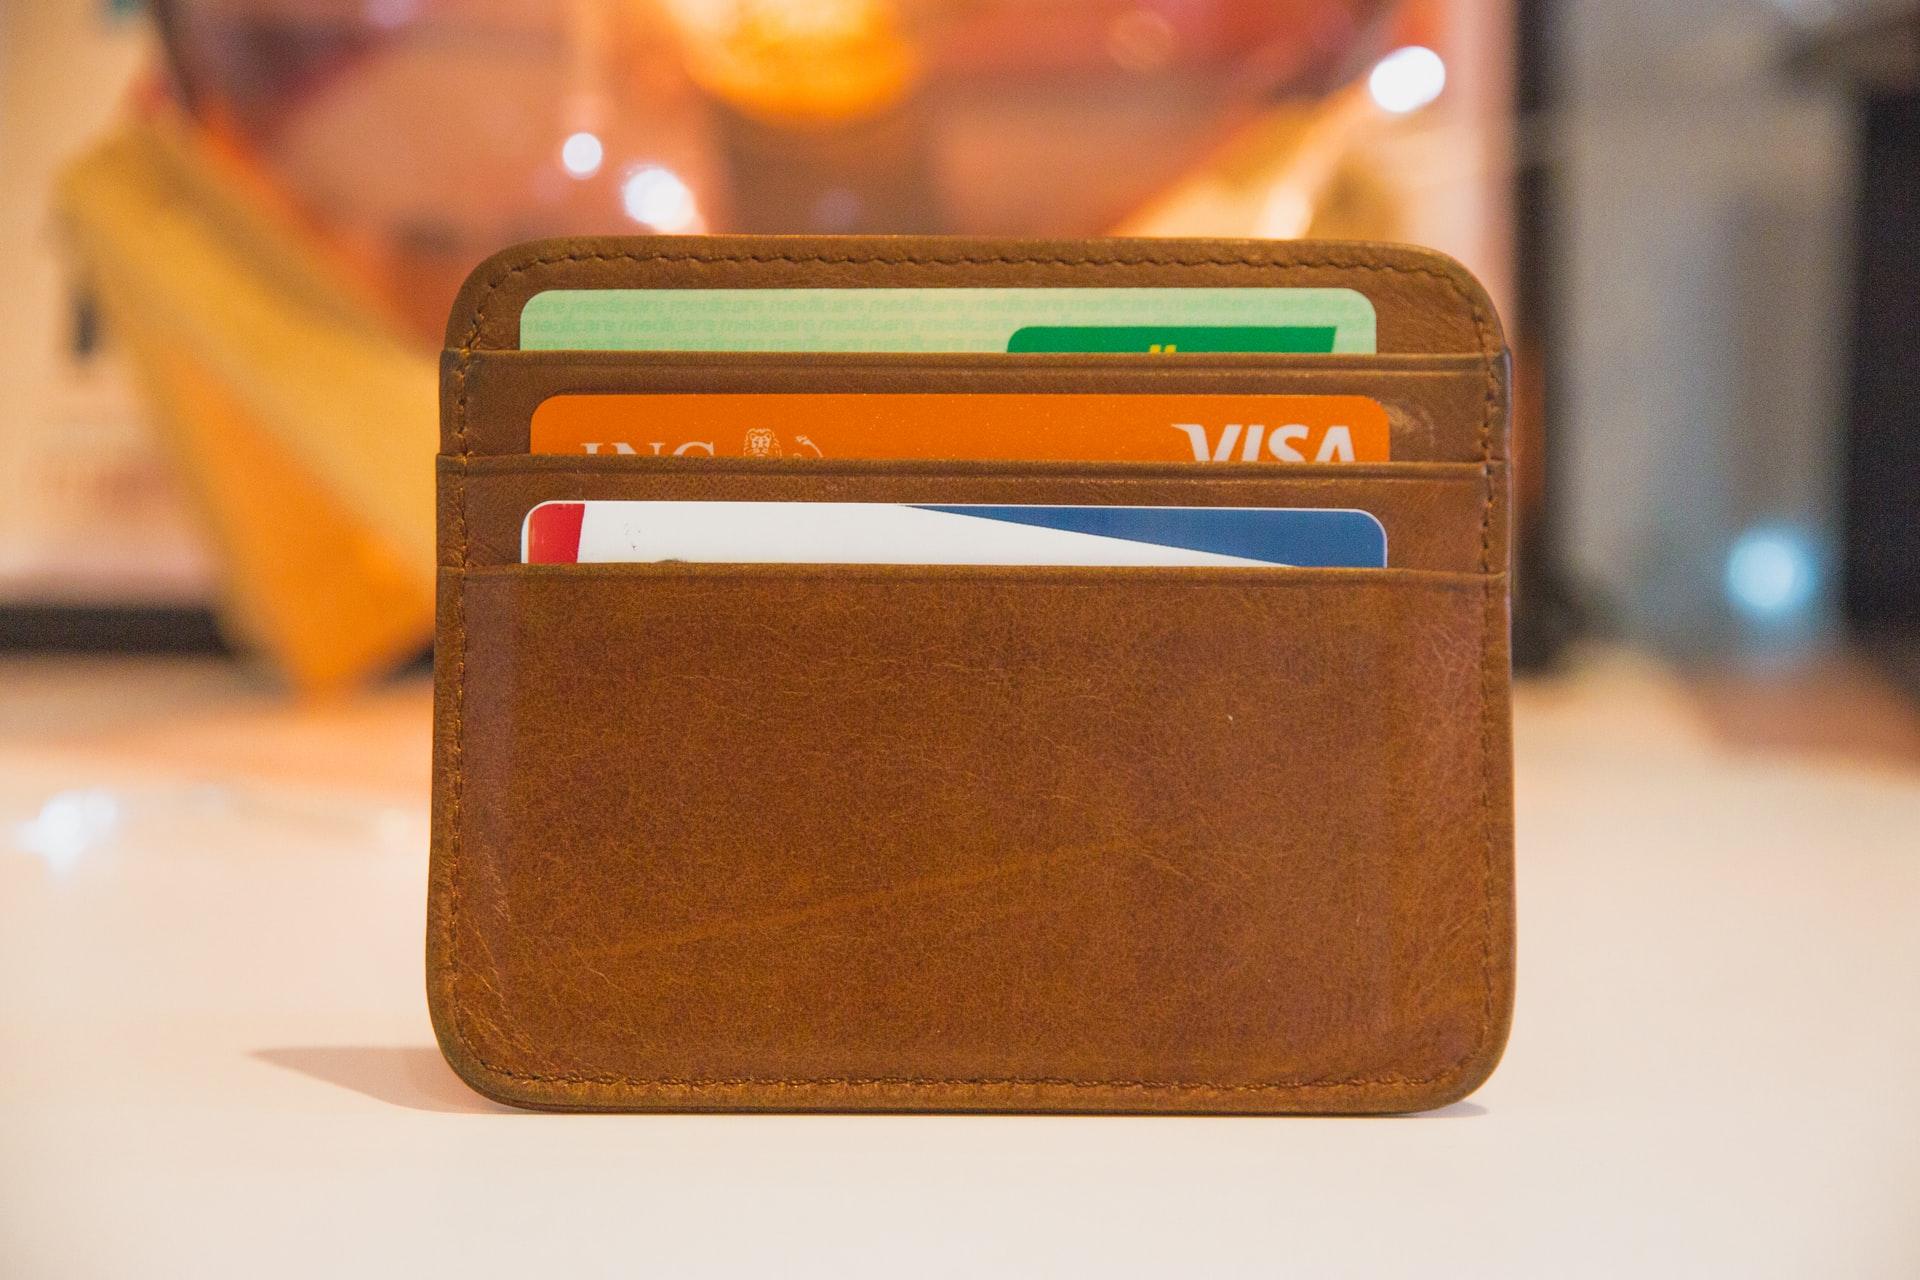 【マイナポイント】9月から開始!驚異の還元率25%!クレジットカードやQR決済の連携方法も【絶対やらなきゃ損】